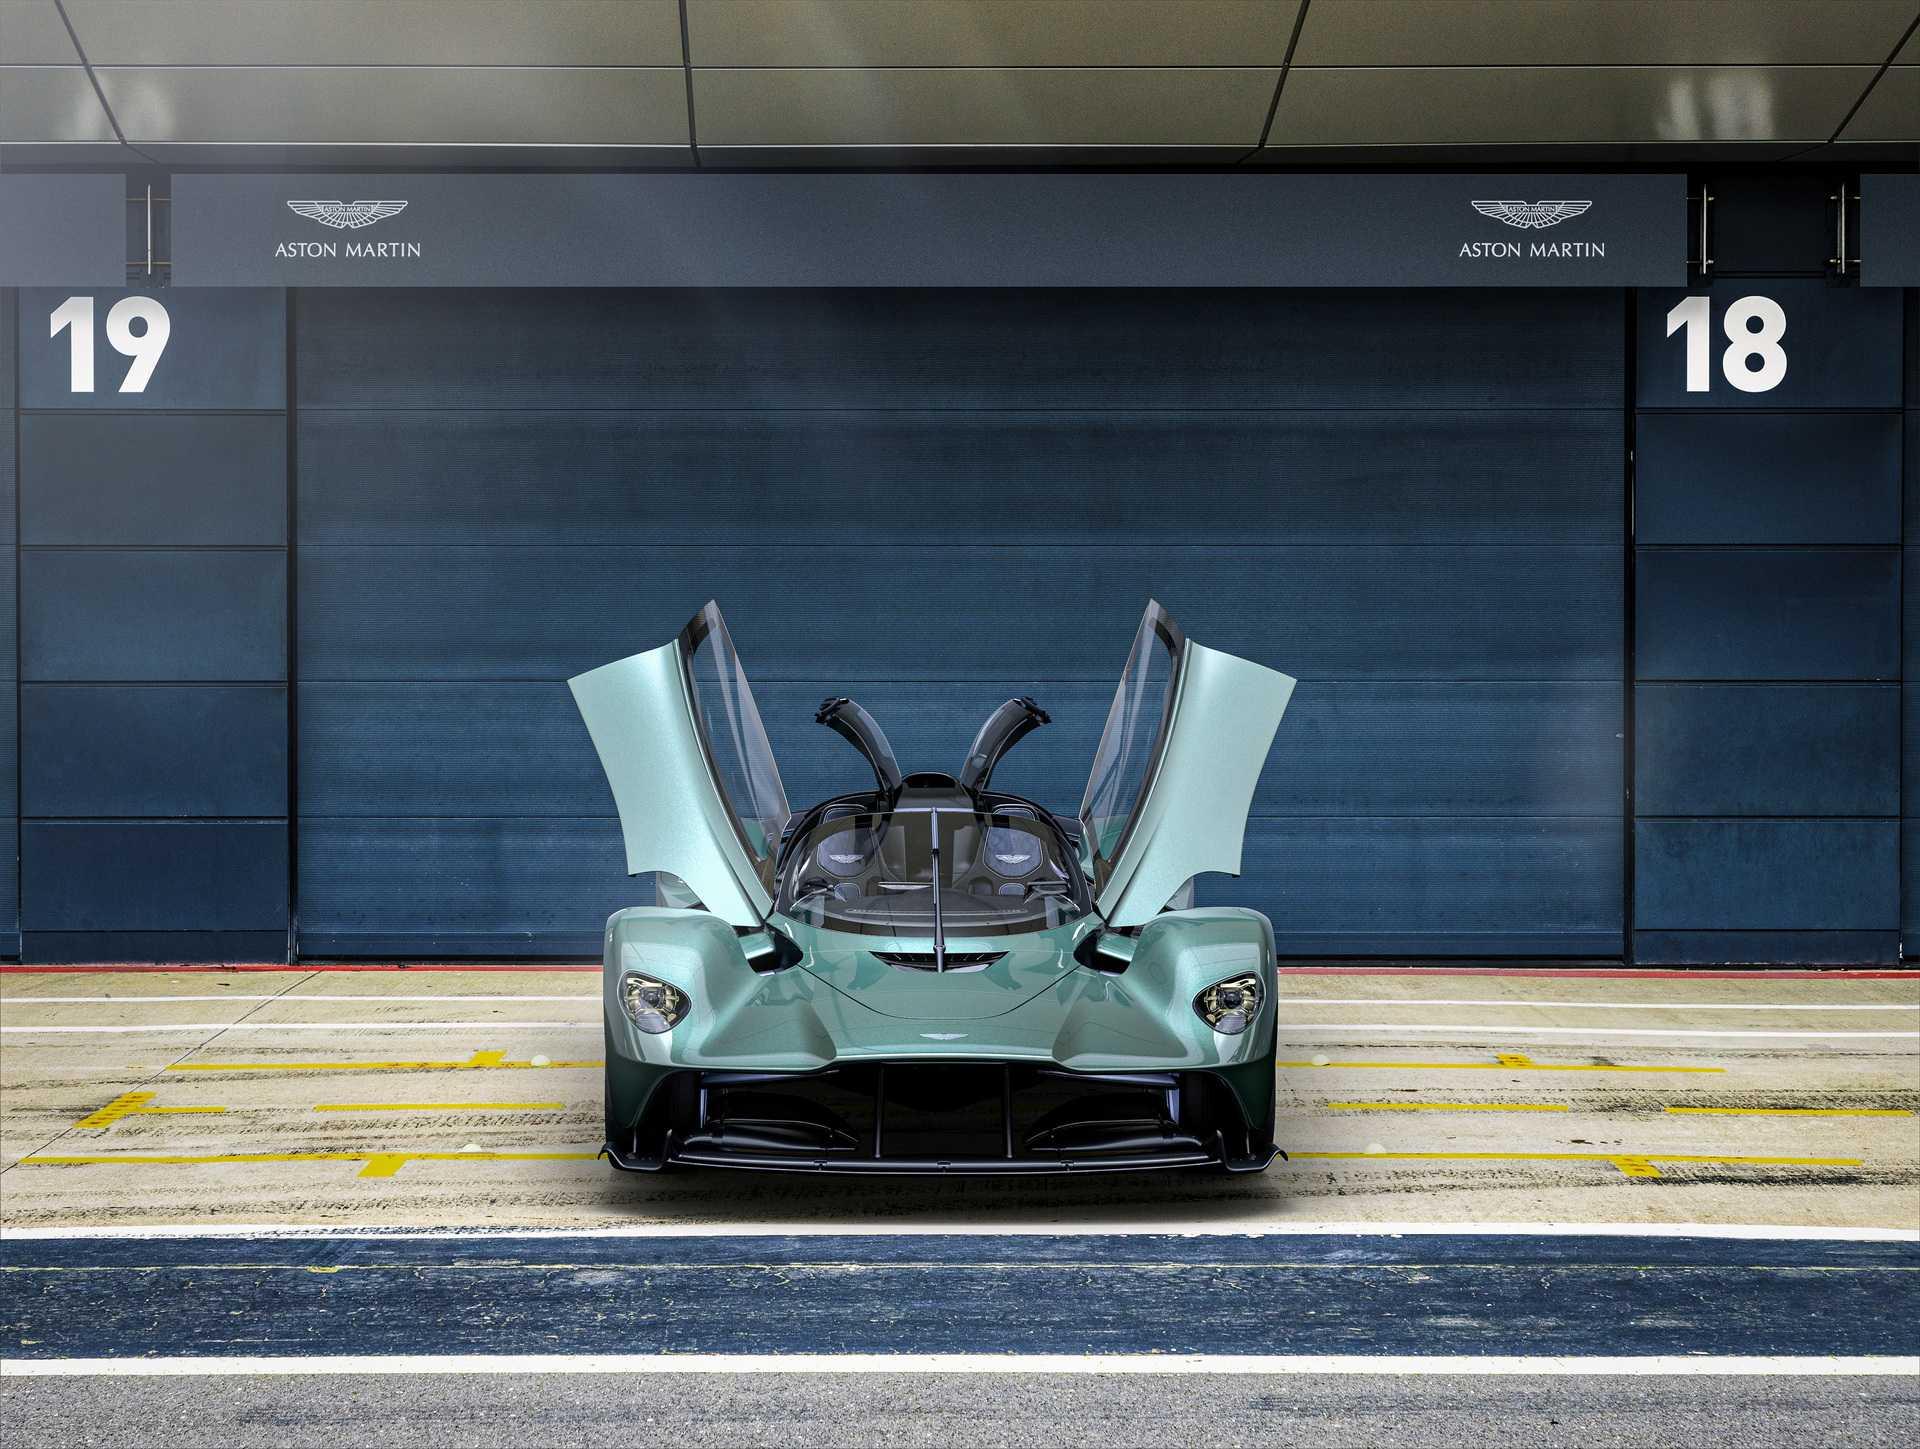 Aston-Martin-Valkyrie-Spider-siêu-phẩm-mui-trần-mạnh-1160-mã-lực (10).jpg